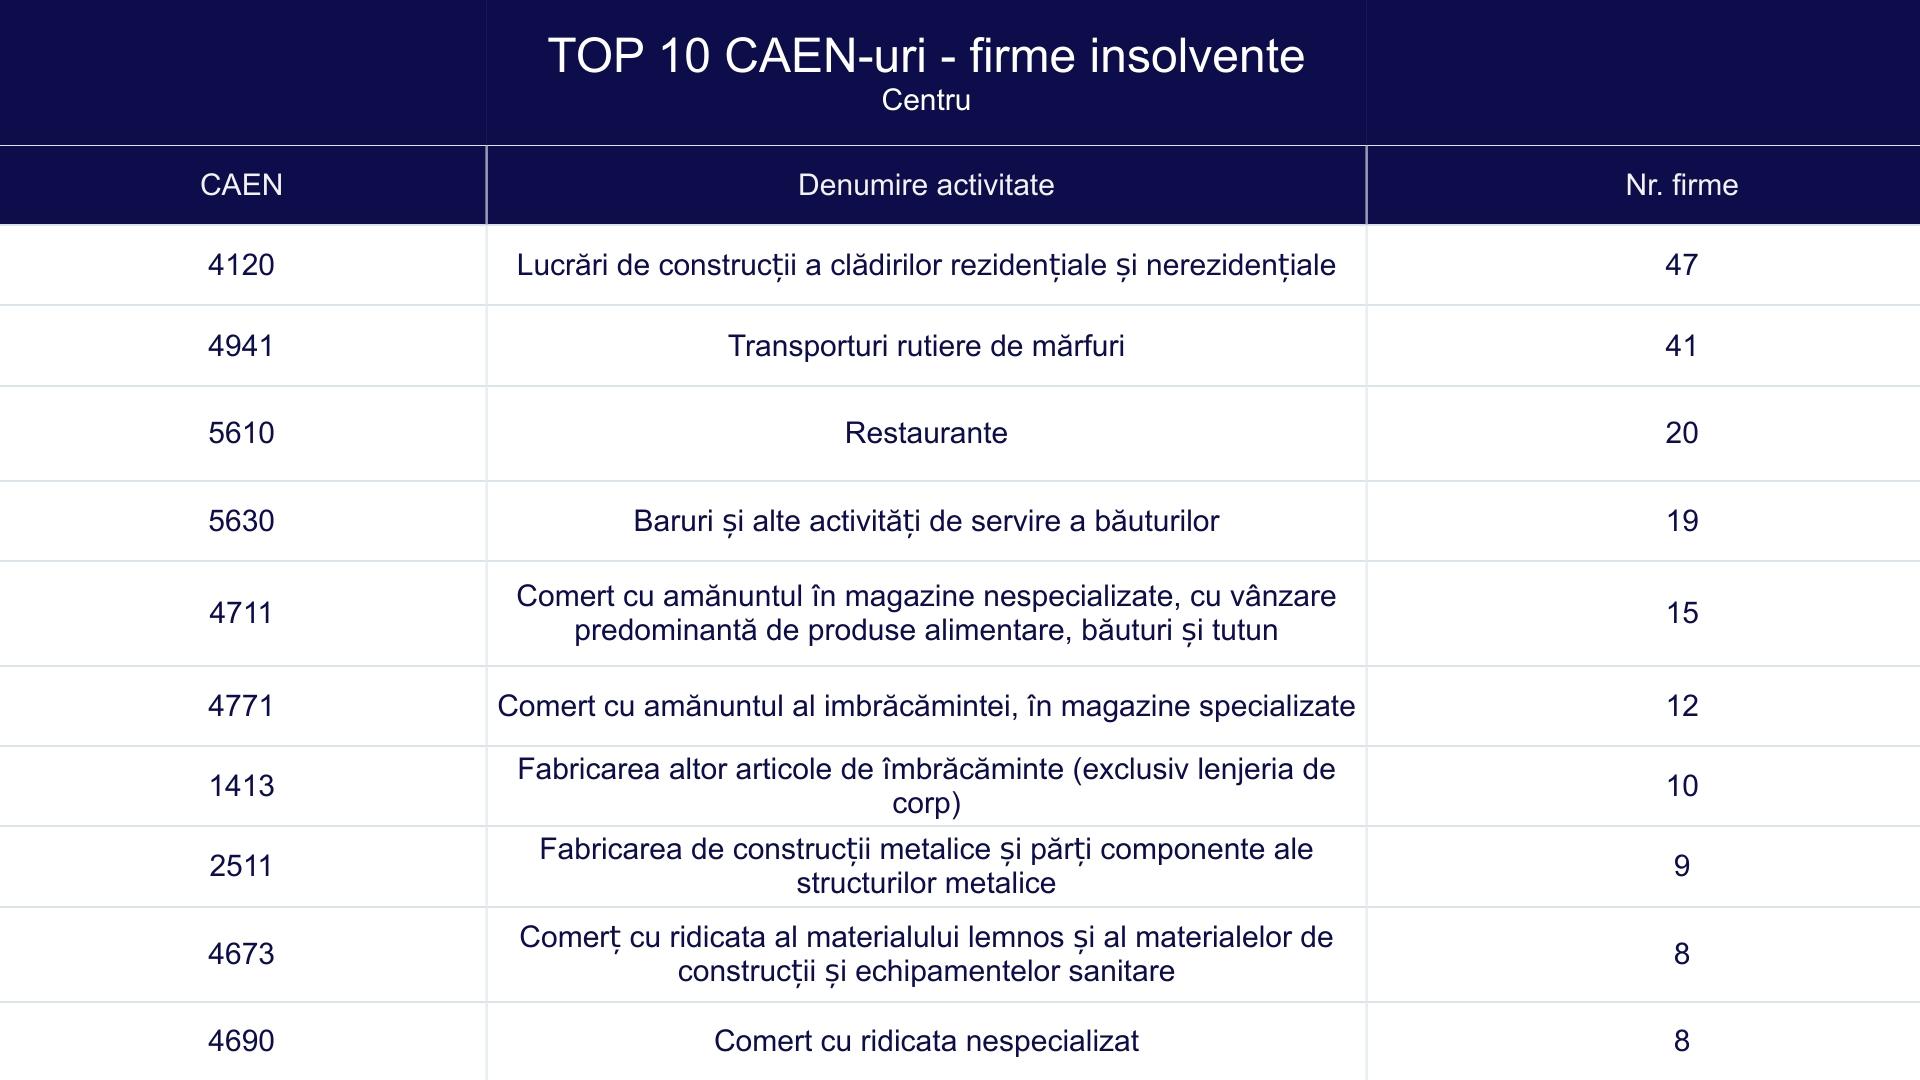 TOP 10 CAEN-uri - firme insolvente - Centru